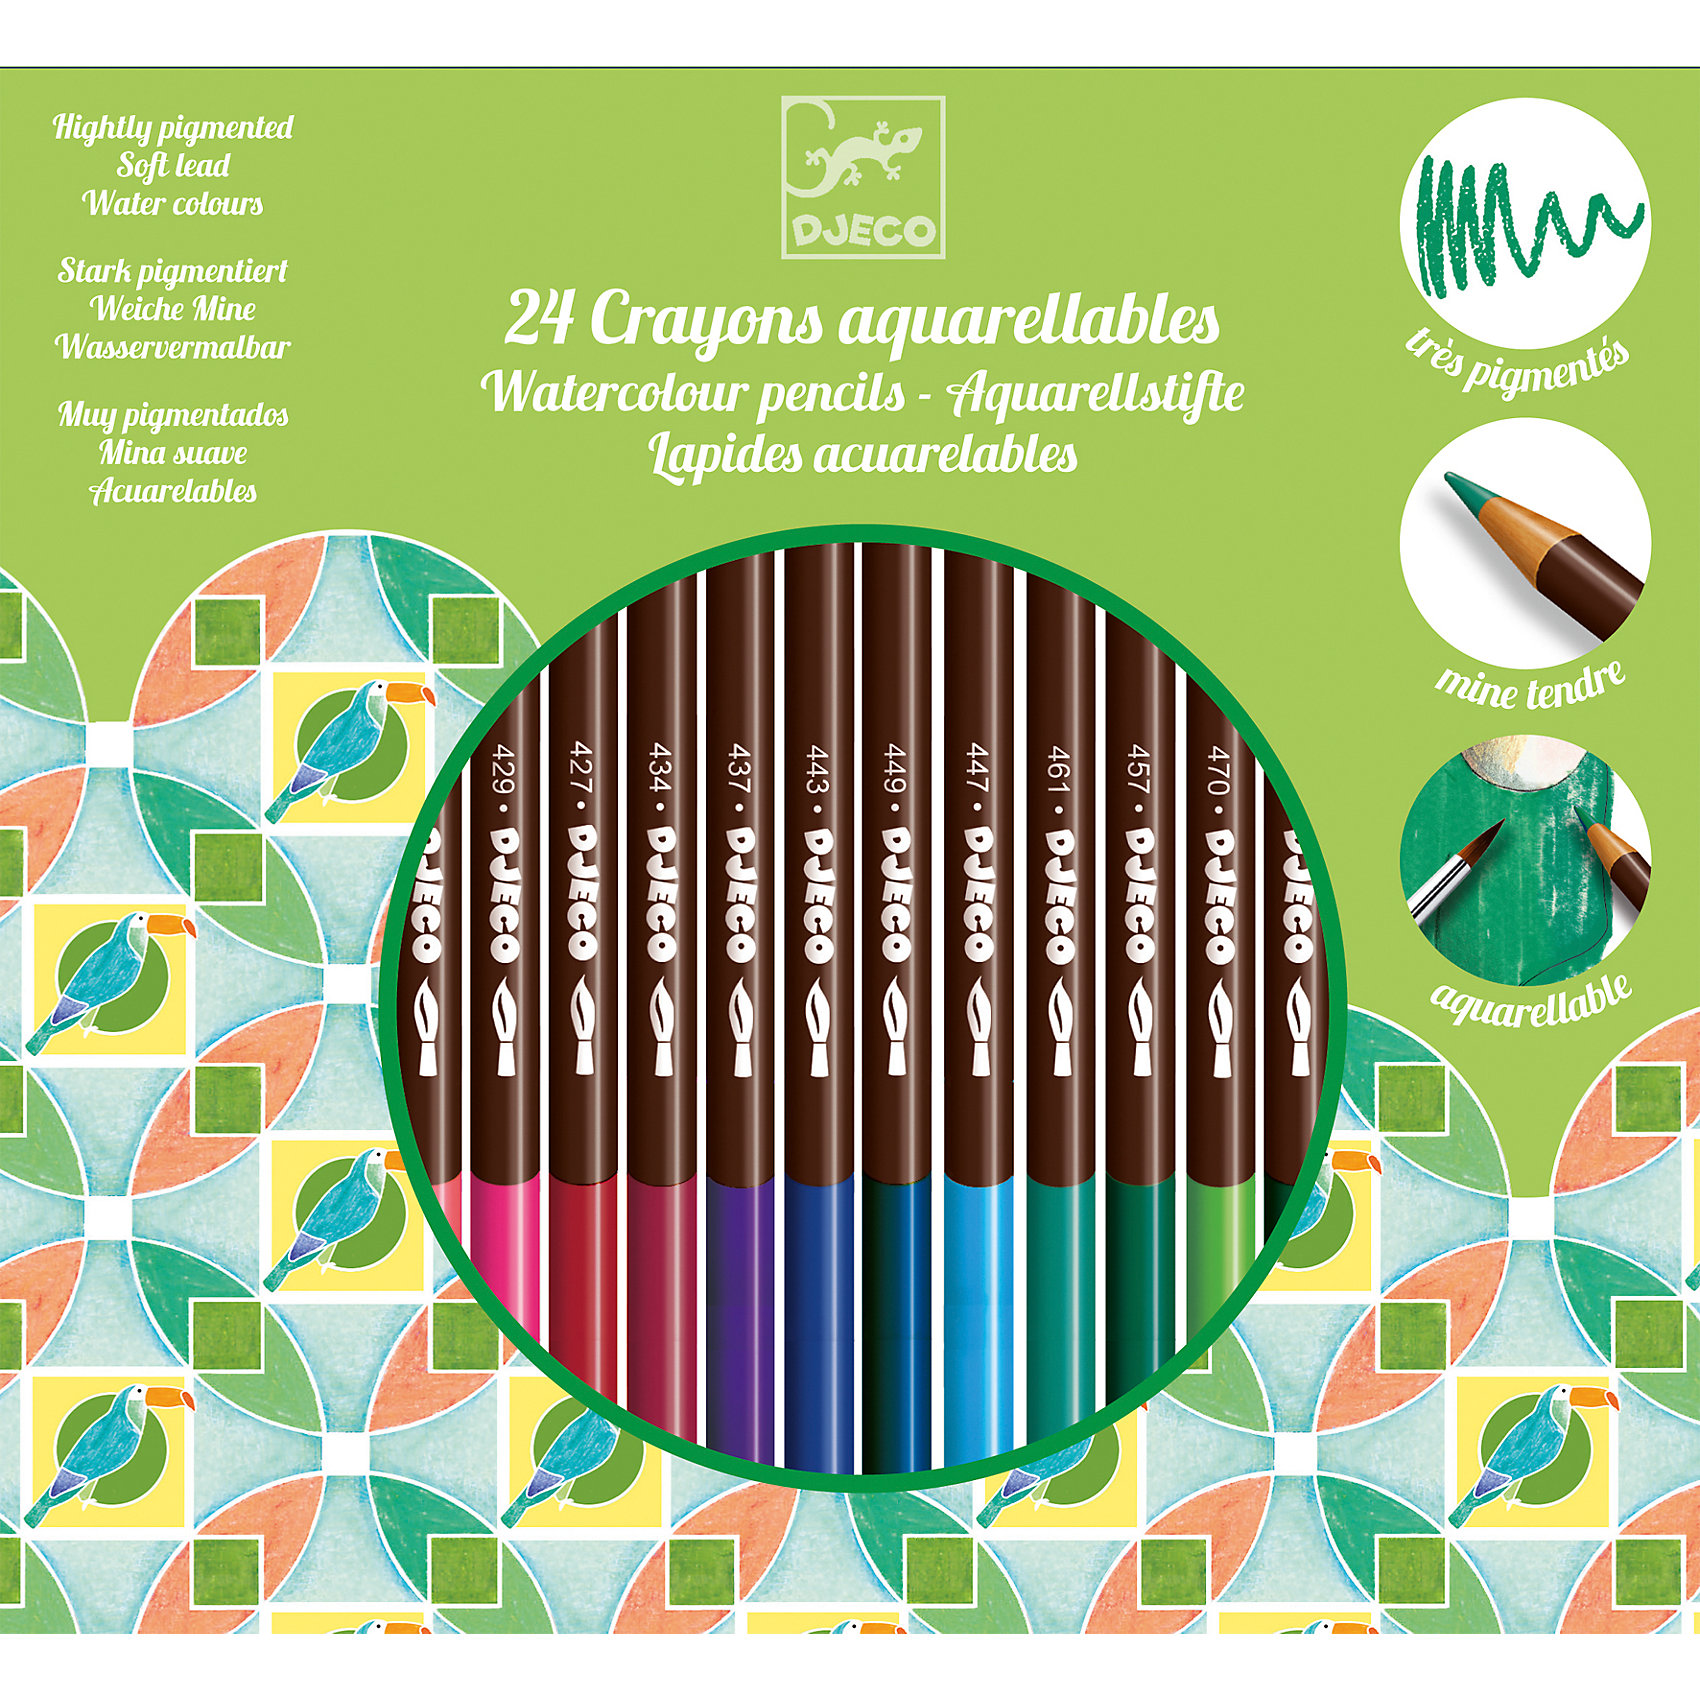 Набор акварельных карандашей, 24 шт., DJECOРисование и лепка<br>Характеристики набора акварельных карандашей:<br><br>• возраст: от 3 лет<br>• пол: универсальный<br>• комплект: 24 карандаша.<br>• состав: пластик<br>• размер упаковки: 20 х 18 х 1 см.<br>• упаковка: картонная коробка .<br>• бренд: Djeco<br>• страна обладатель бренда: Франция.<br><br>С набором акварельных карандашей процесс раскрашивания будет легким и приятным. Цвет без труда ложатся на бумагу. Если обмакивать карандаши в воду, то получится эффект акварельных красок. Это помогает тренироваться в осваивании различных техник раскрашивания. Любой рисунок с таким набором цветов оживет и станет украшением альбома.<br><br>Набор акварельных карандашей от торговой марки Djeco (Джеко) можно купить в нашем интернет-магазине.<br><br>Ширина мм: 190<br>Глубина мм: 183<br>Высота мм: 10<br>Вес г: 180<br>Возраст от месяцев: 36<br>Возраст до месяцев: 2147483647<br>Пол: Унисекс<br>Возраст: Детский<br>SKU: 5448833